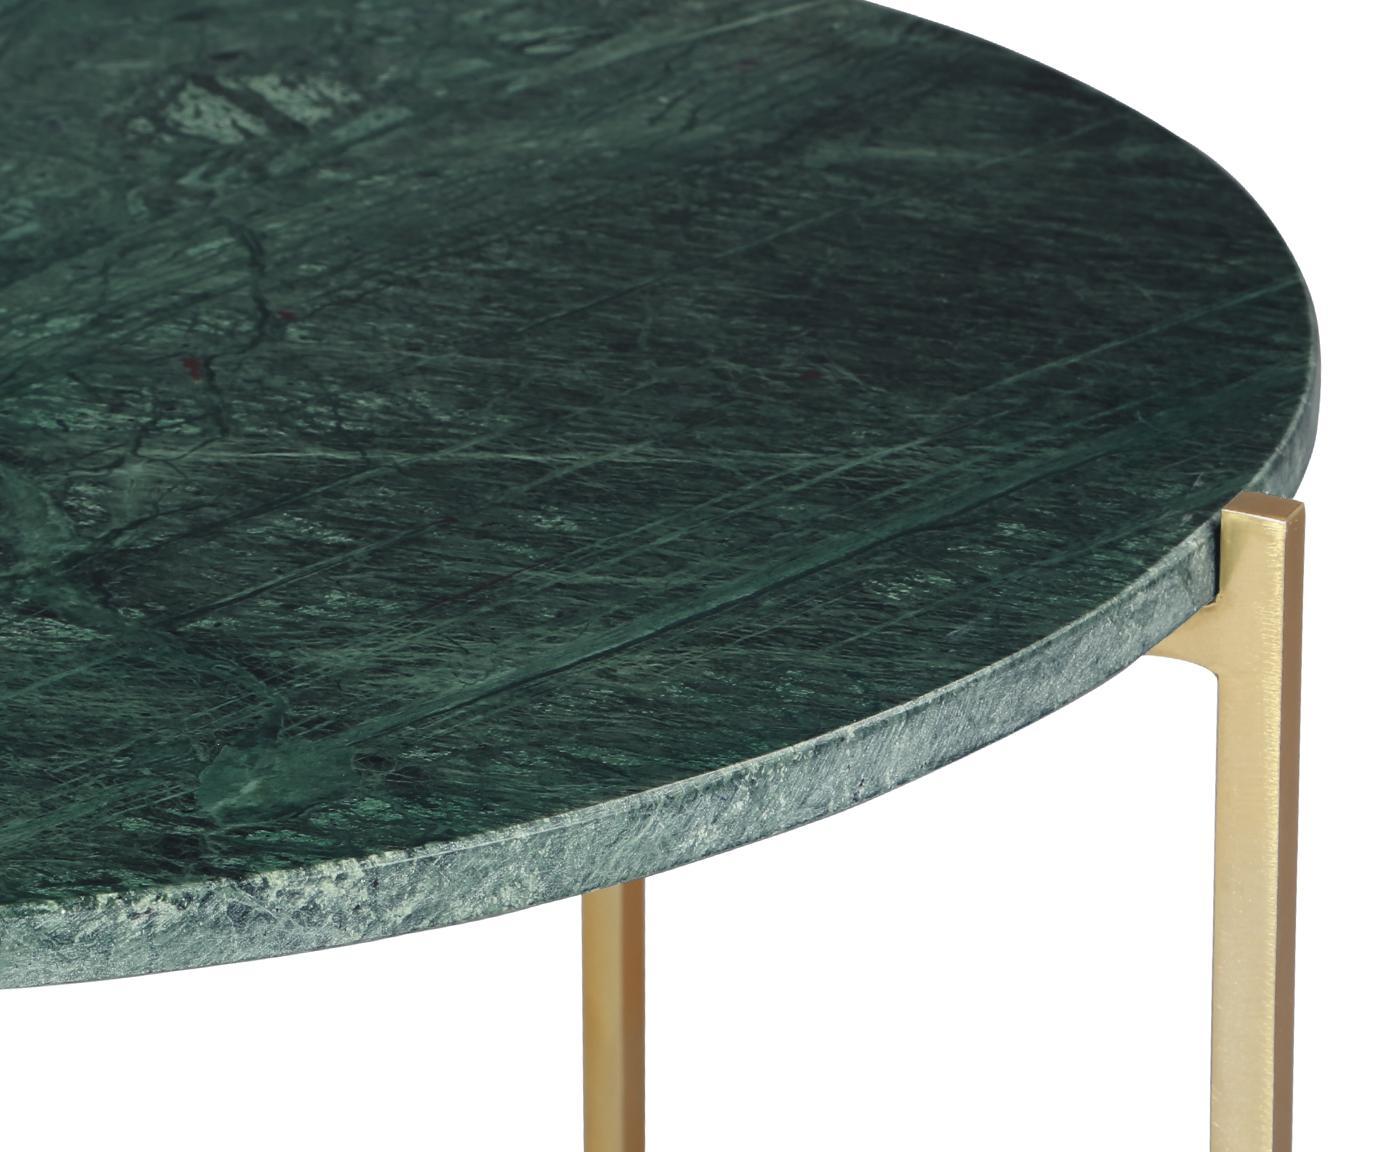 Ronde marmeren bijzettafel Margot, Tafelblad: marmer natuursteen, Frame: gepoedercoat metaal, Tafelblad: groen marmer. Frame: goudkleurig, Ø 59 cm x H 46 cm